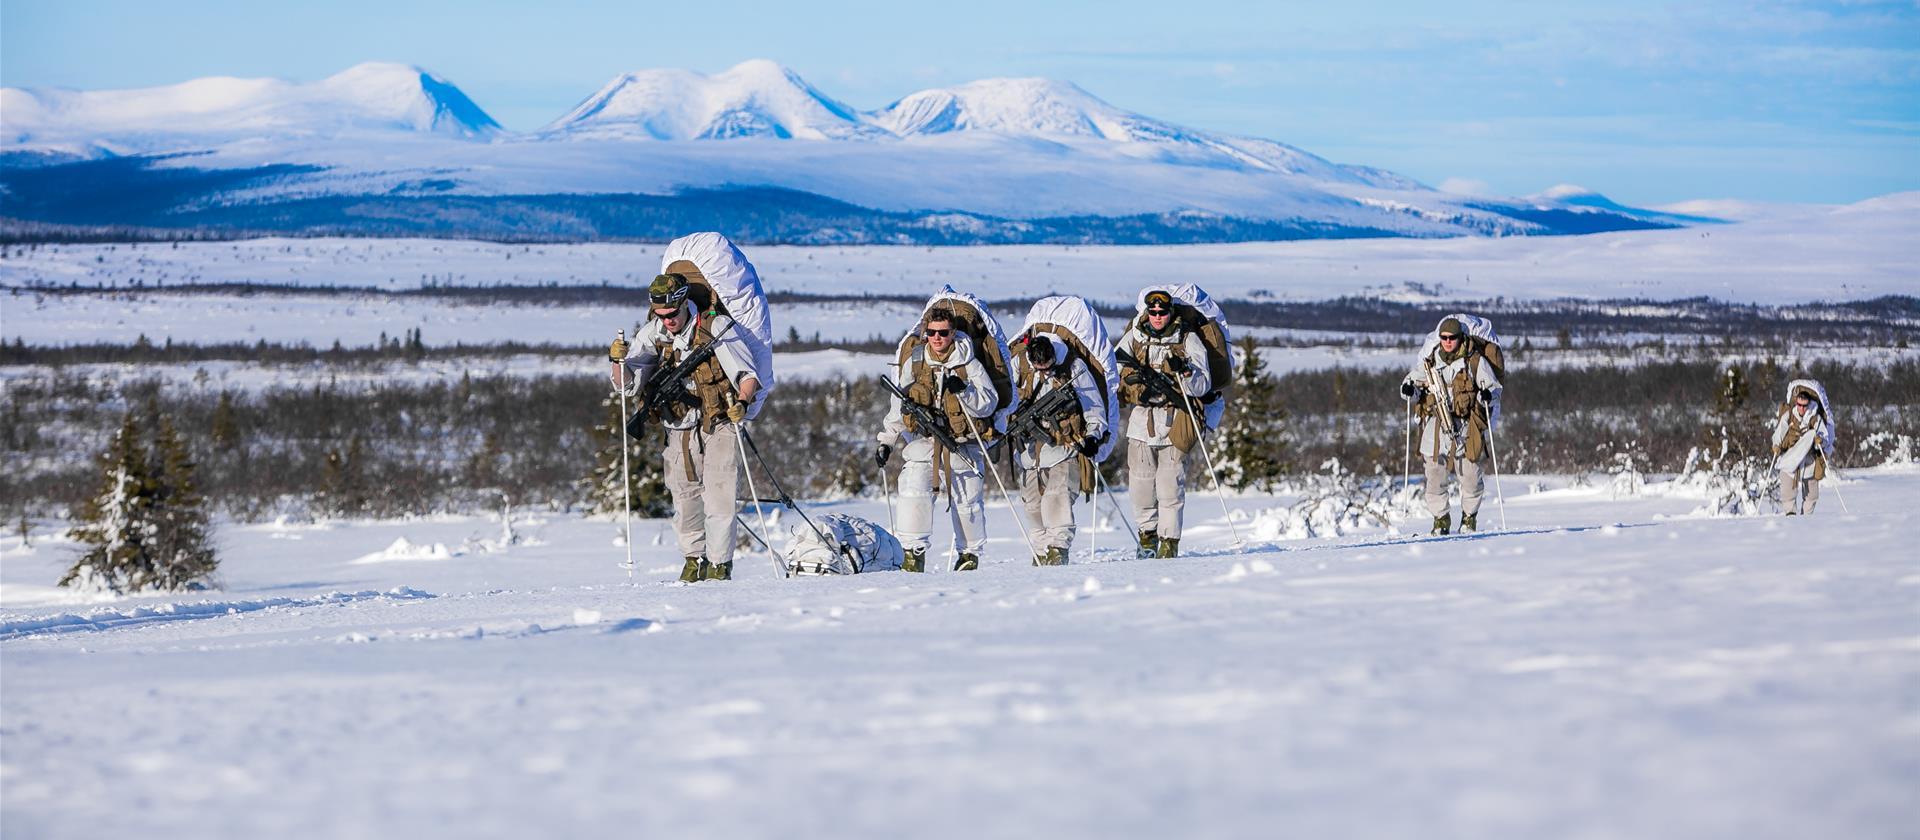 В Норвегии регулярно проводятся учения, призванные поделиться навыками и опытом ведения действий в суровых, зимних арктических условиях. Благодаря этим мероприятиям, наряду с менее масштабными учениями НАТО и миссией НАТО по патрулированию воздушного пространства в Исландии, Североатлантический союз приобретает навыки ведения операций в районе Северной Атлантики. © Norwegian Armed Forces